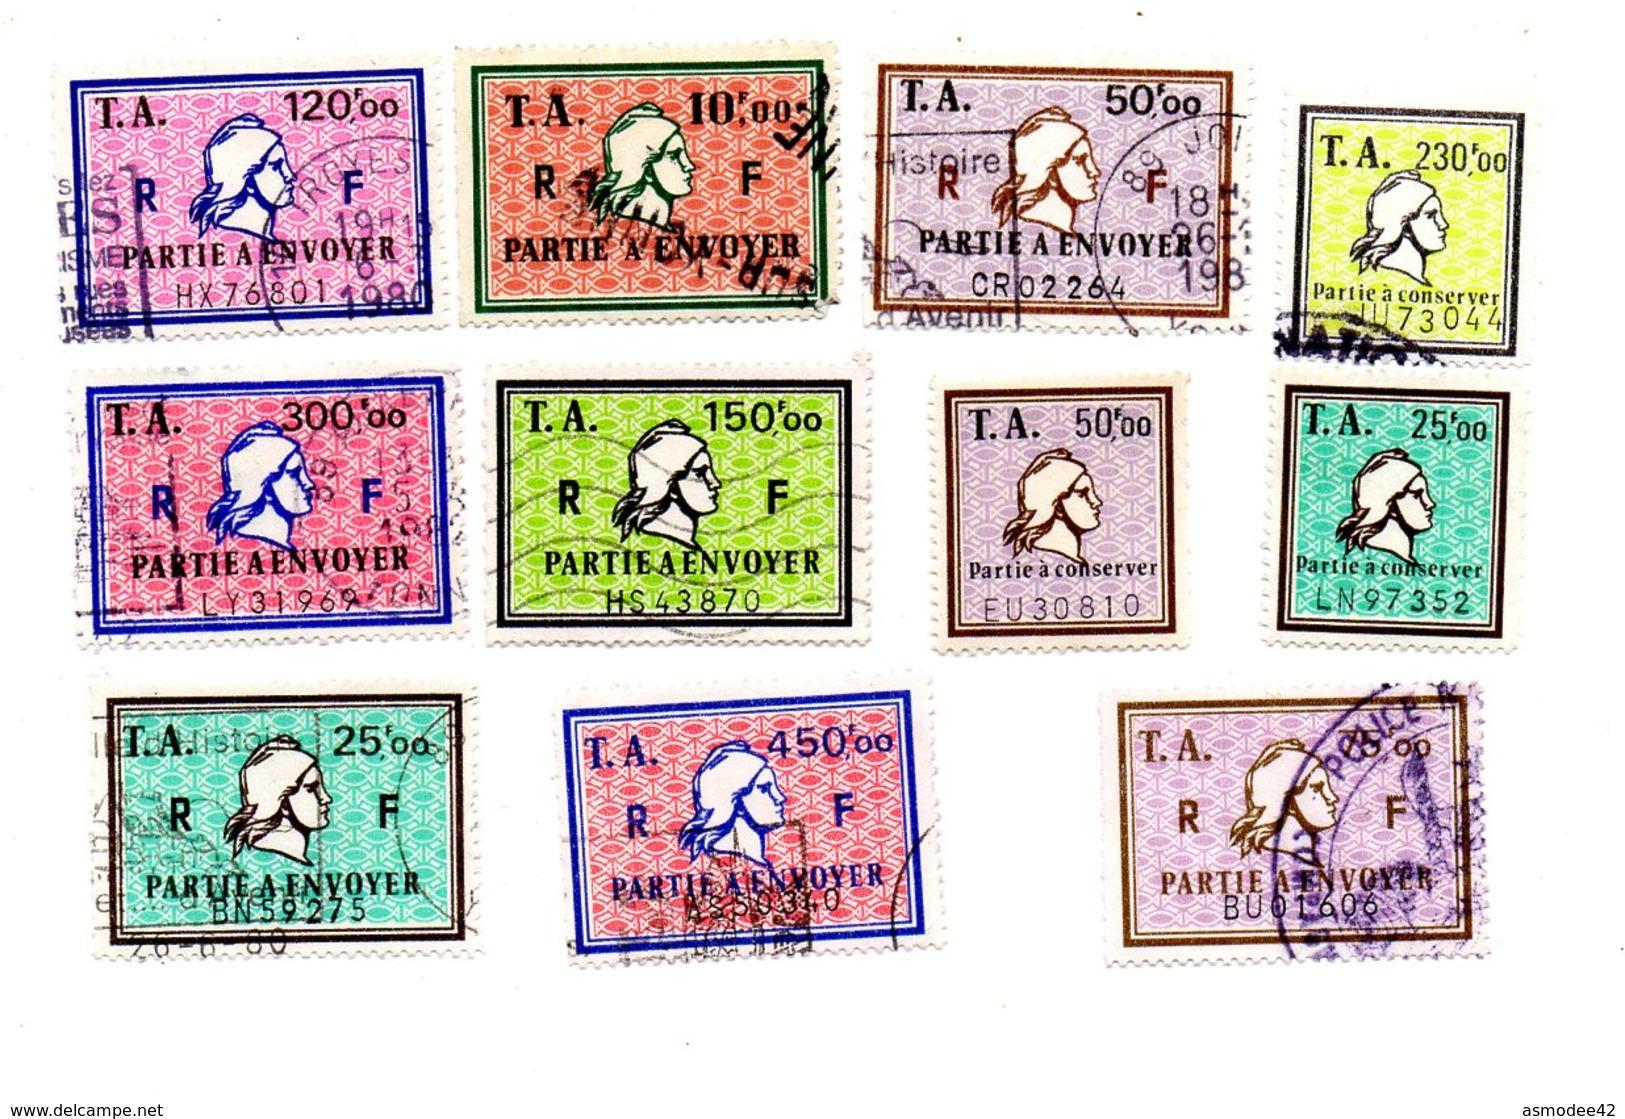 FRANCE  TIMBRES AMENDES    LOT DE  11  TIMBRES  FISCAUX  H 71 - Revenue Stamps